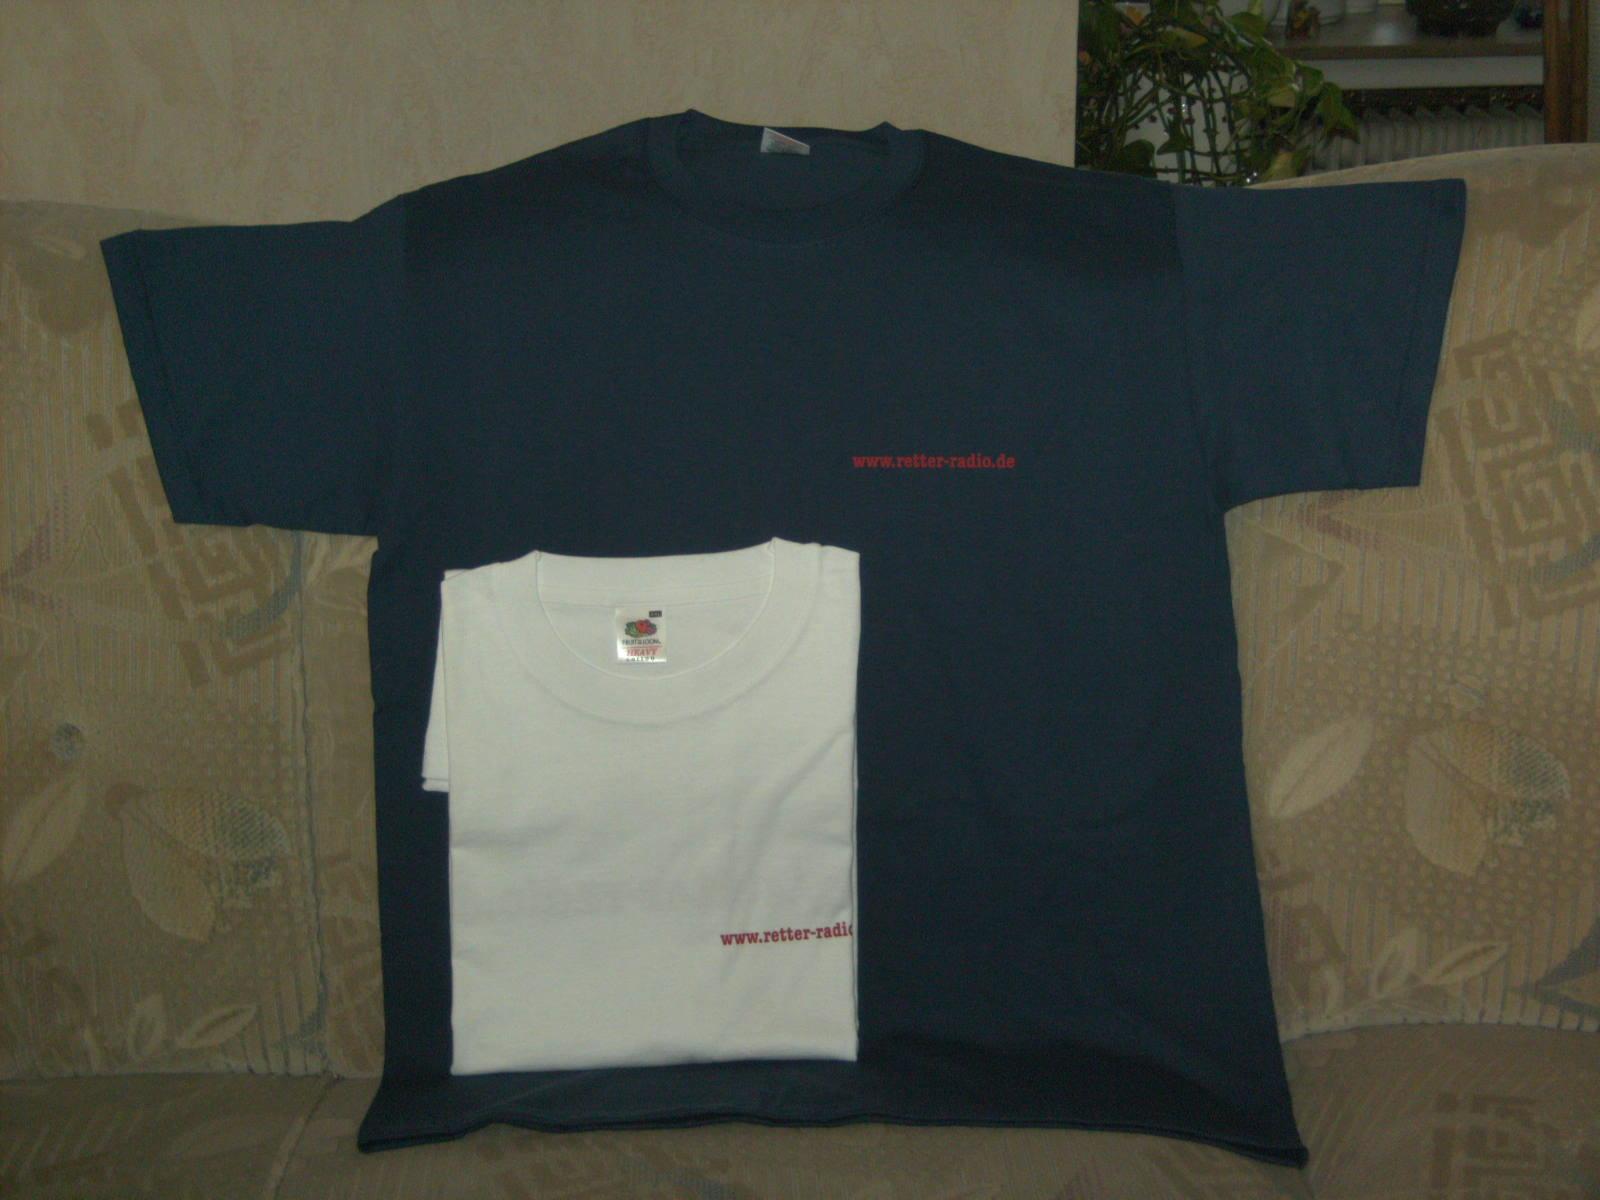 http://www.retter-radio.de/t-shirts/t-shirt1.jpg